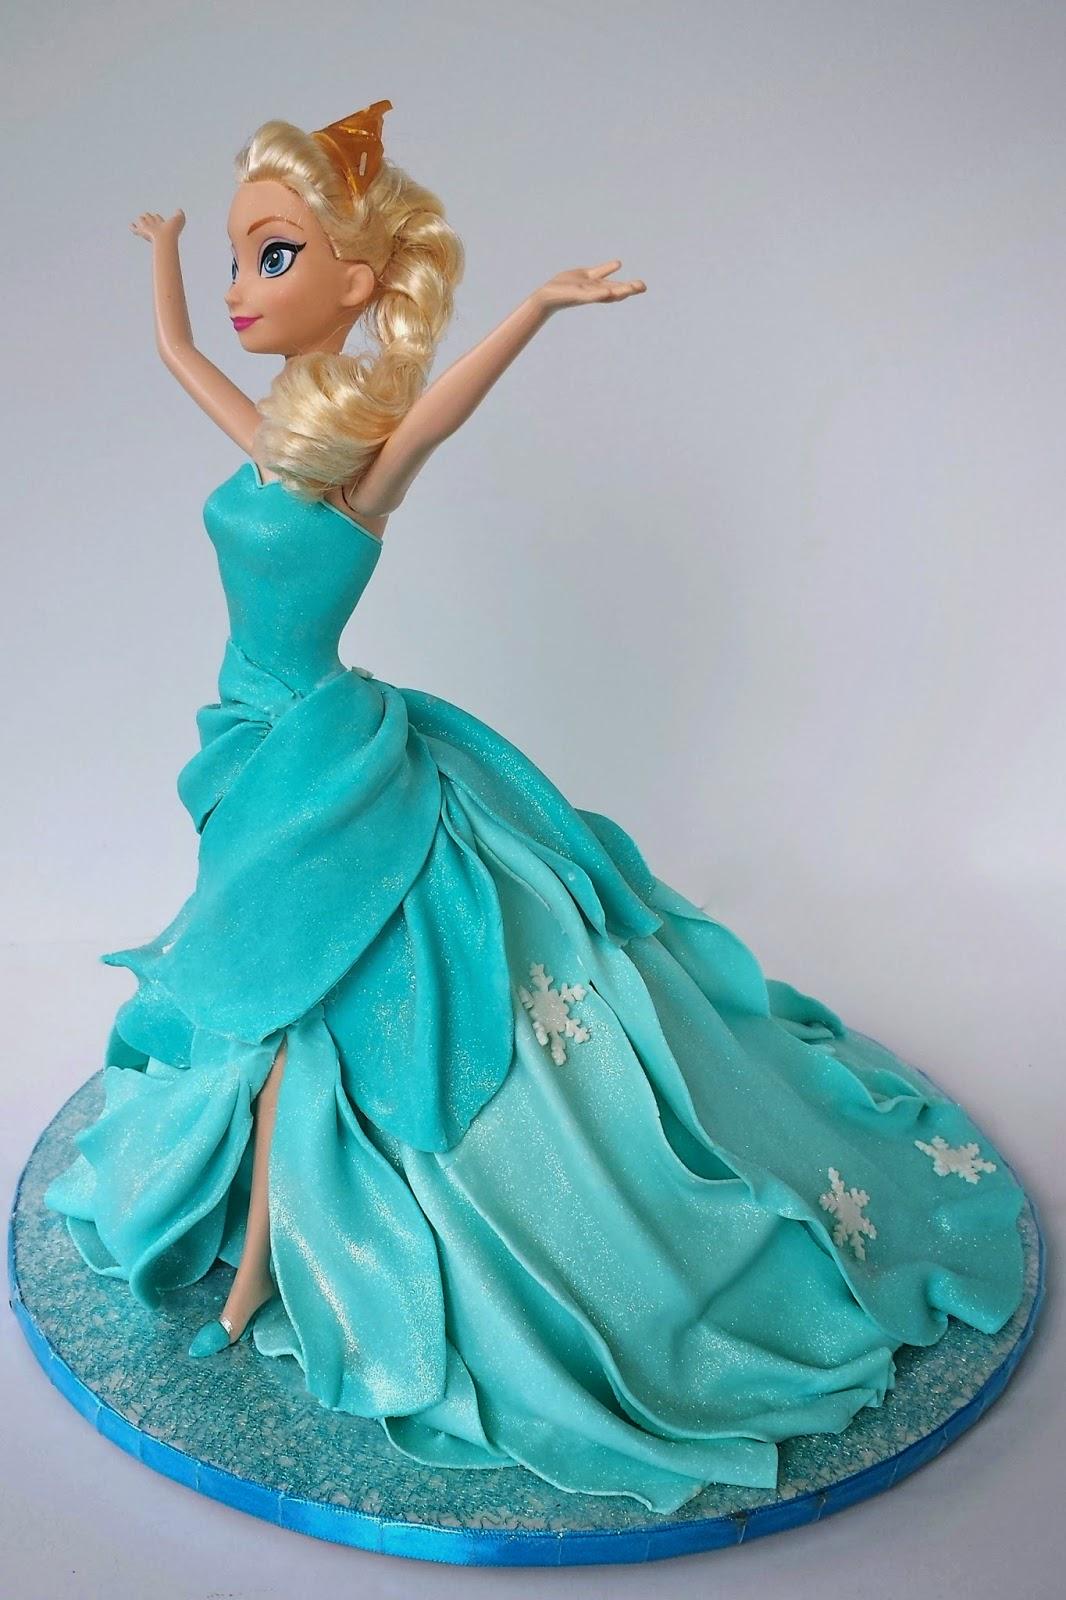 Elsa Doll Cake Images : Cake Blog: Elsa Doll Cake Tutorial